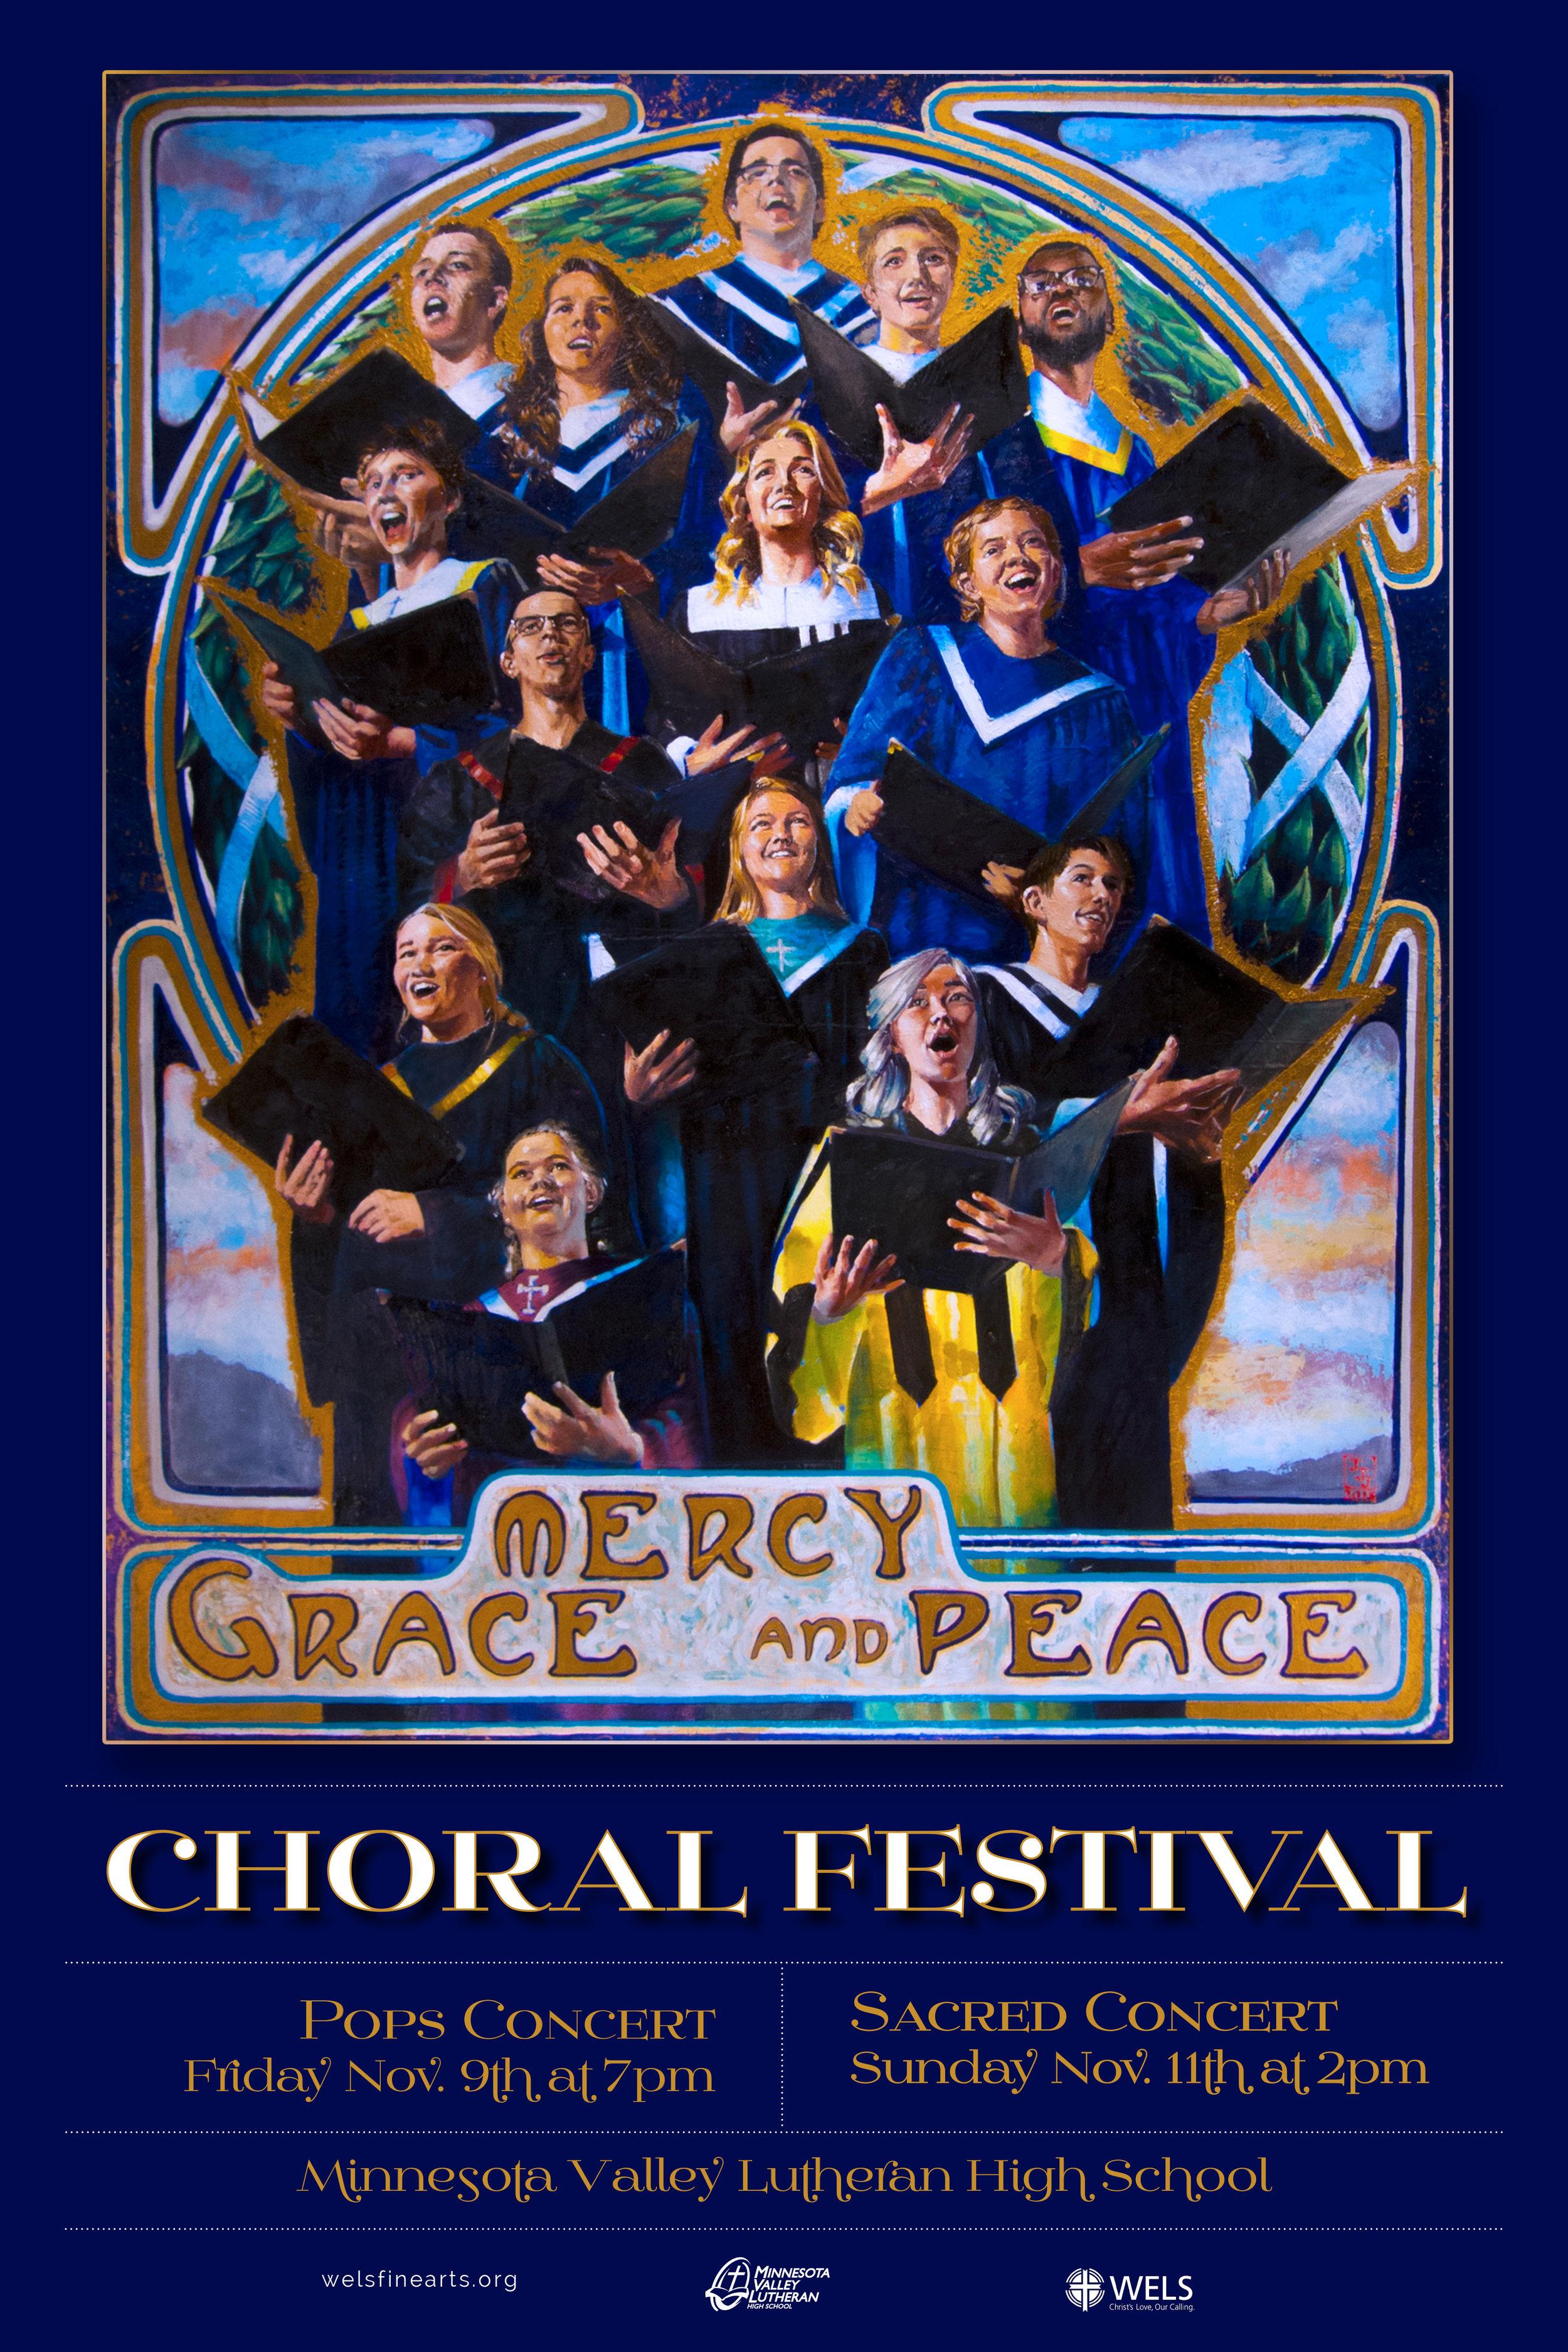 Choralfest 2018 poster.jpg